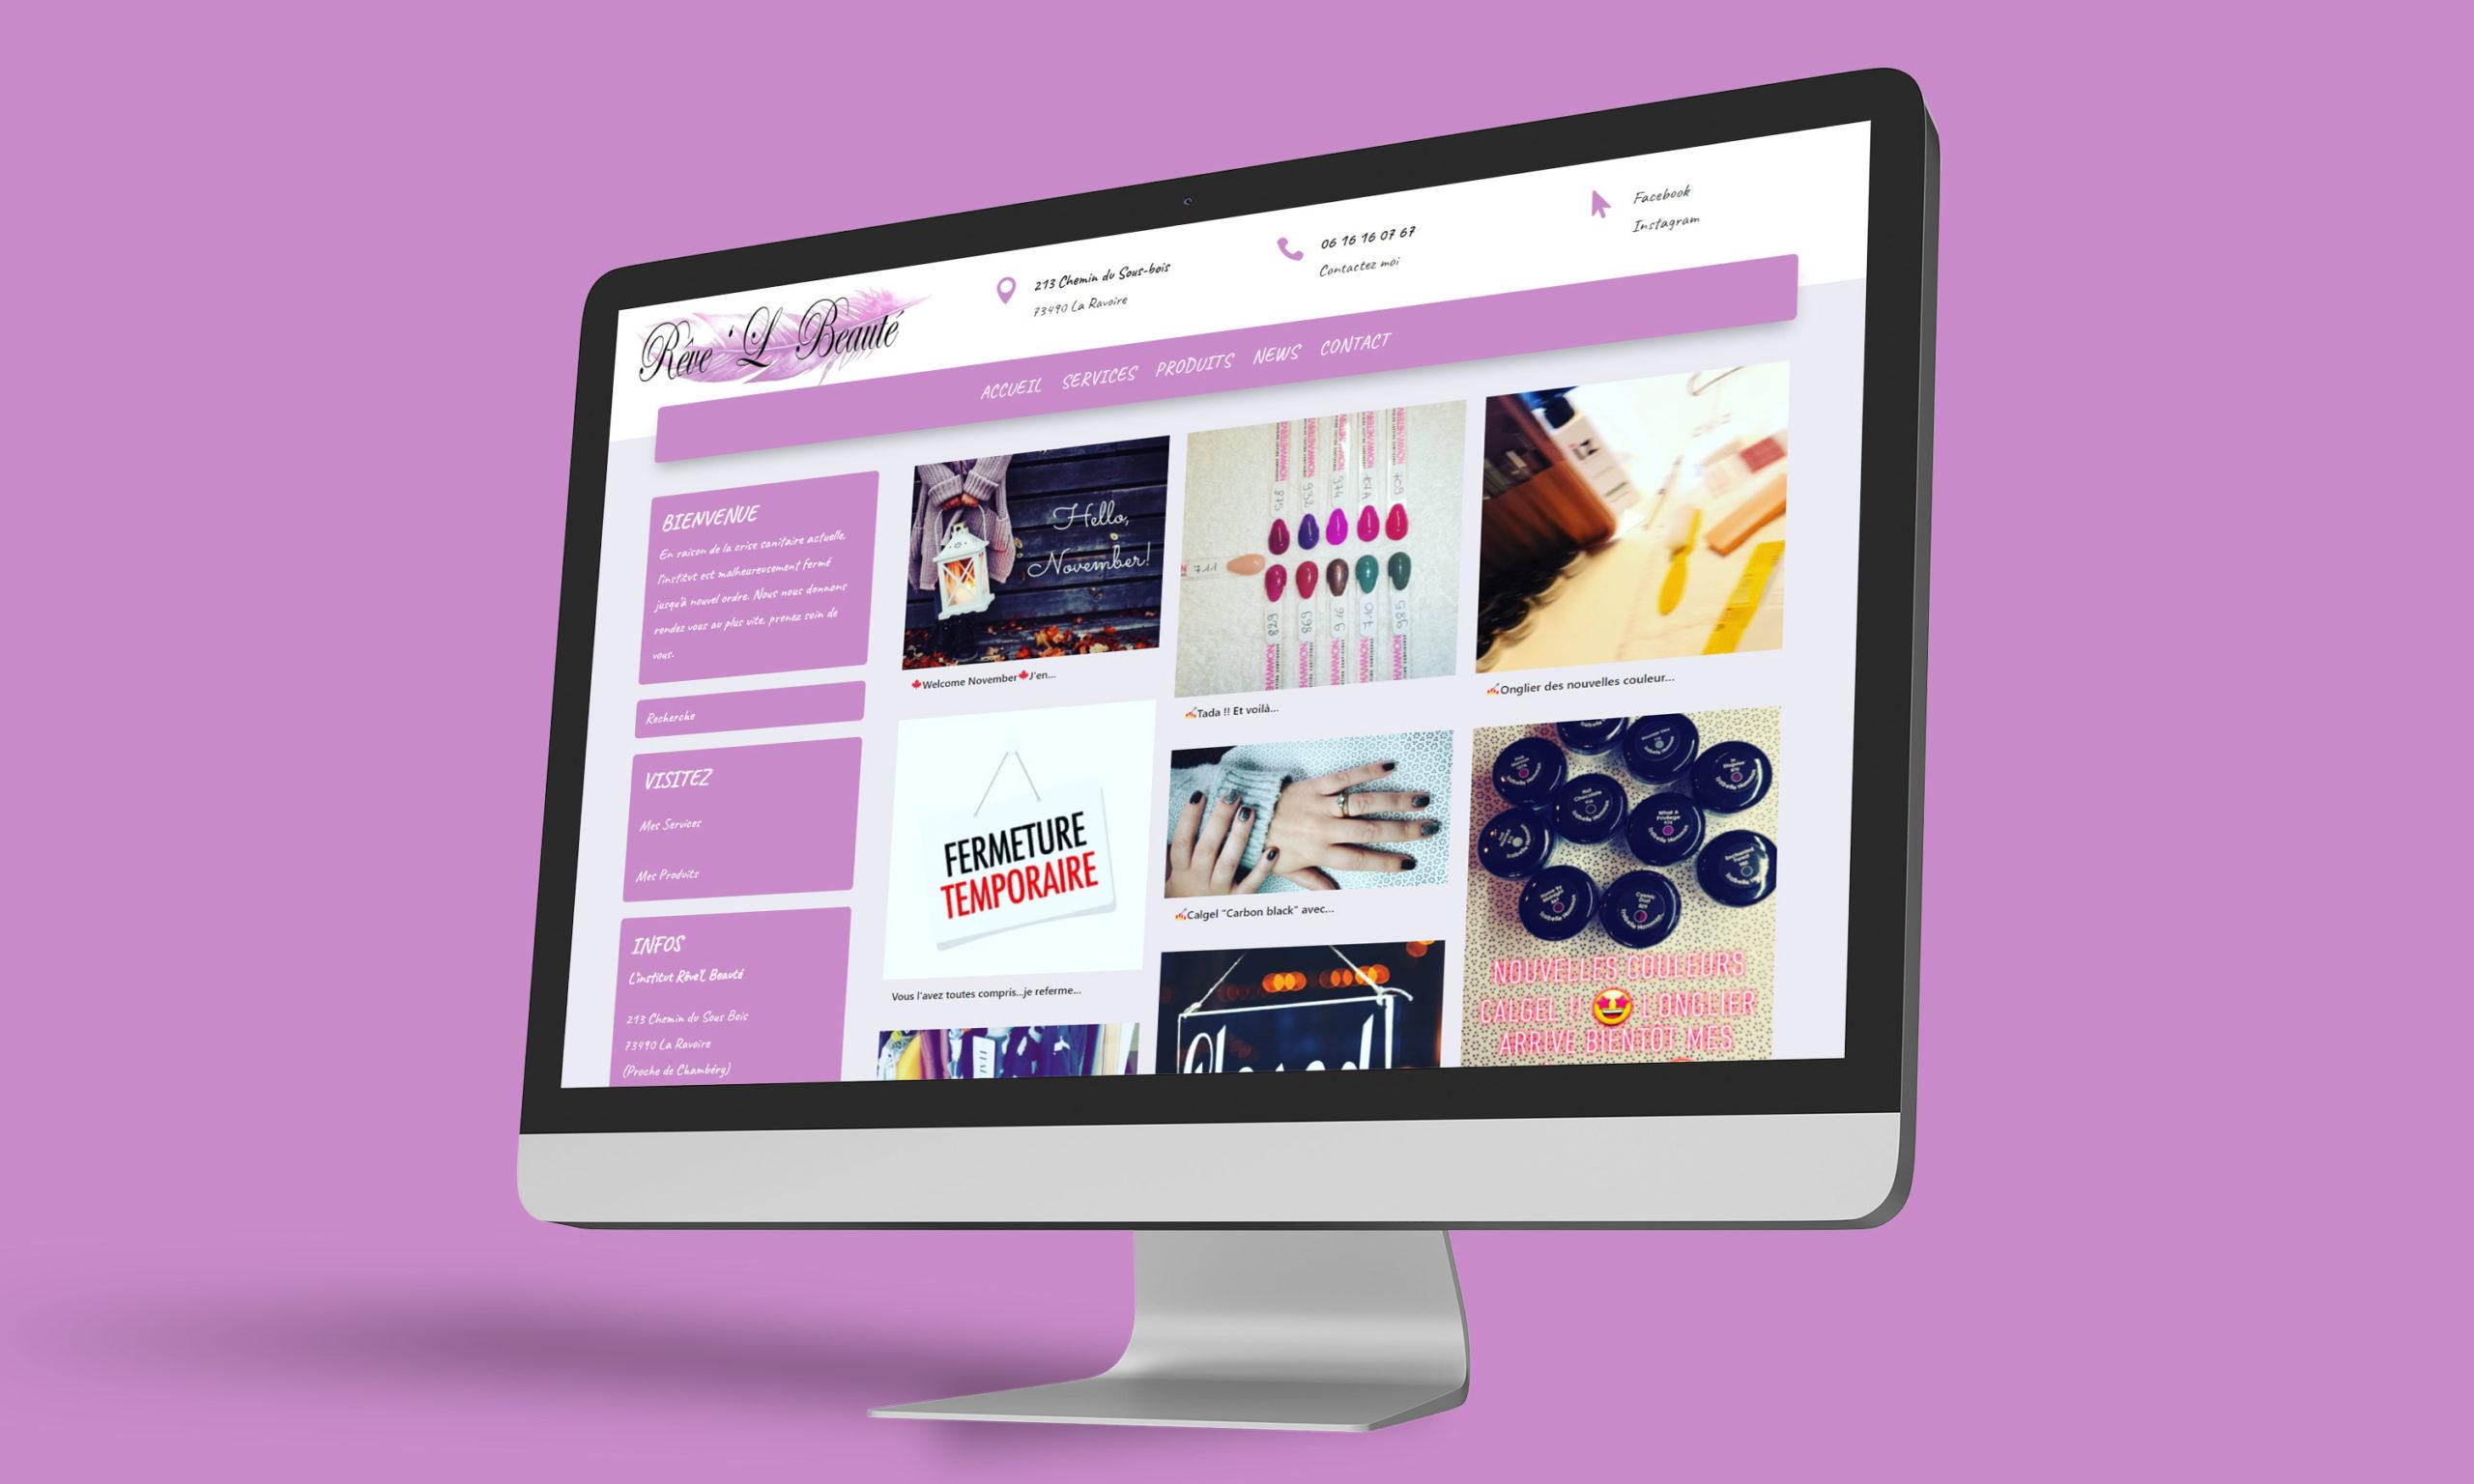 Visuel du site web créé pour l'institut Rêve'L Beauté à La Ravoire, sur ordinateur